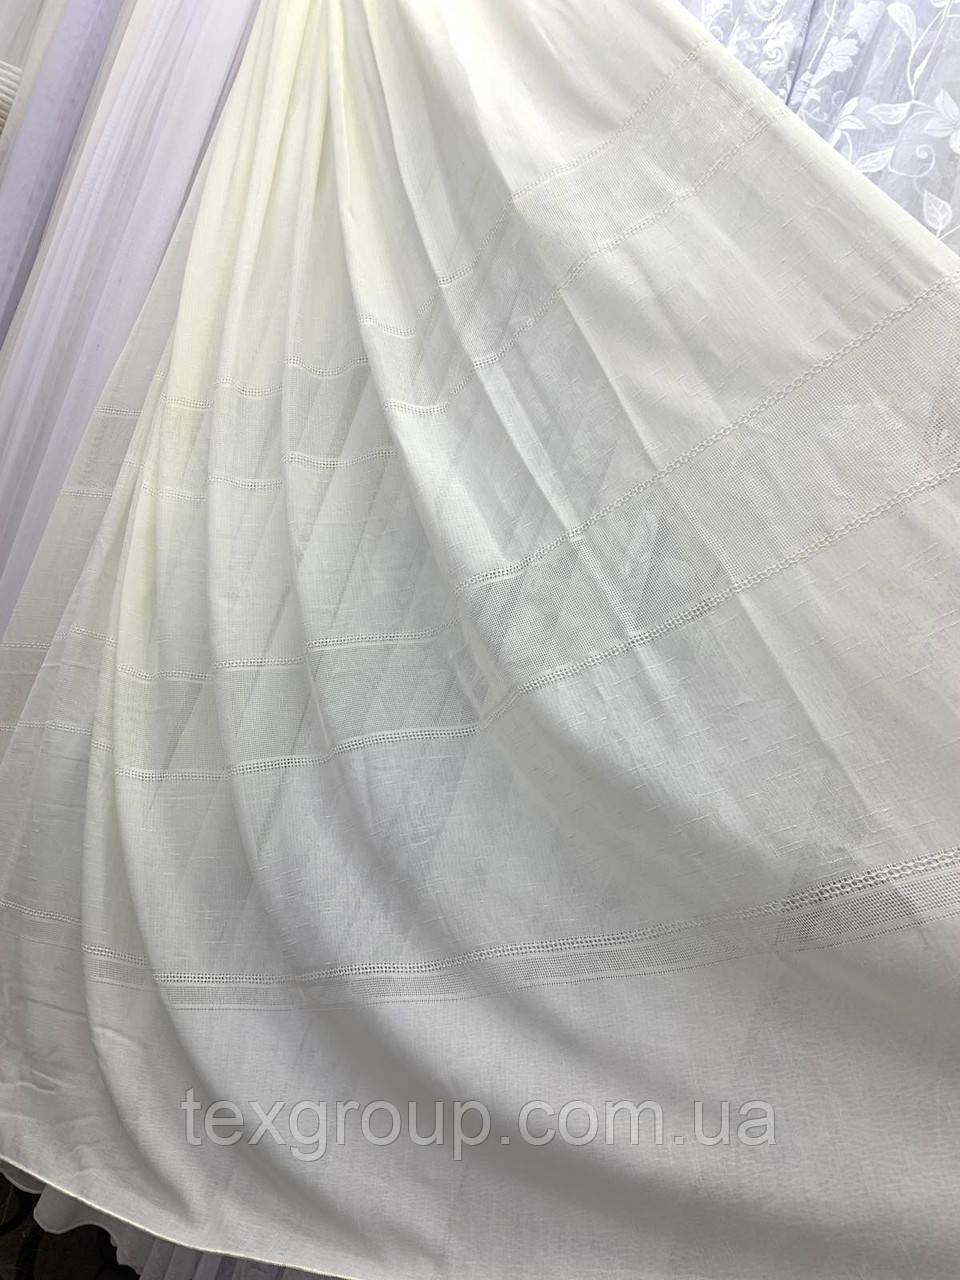 Тюль лён с плетением белый и крем L-14